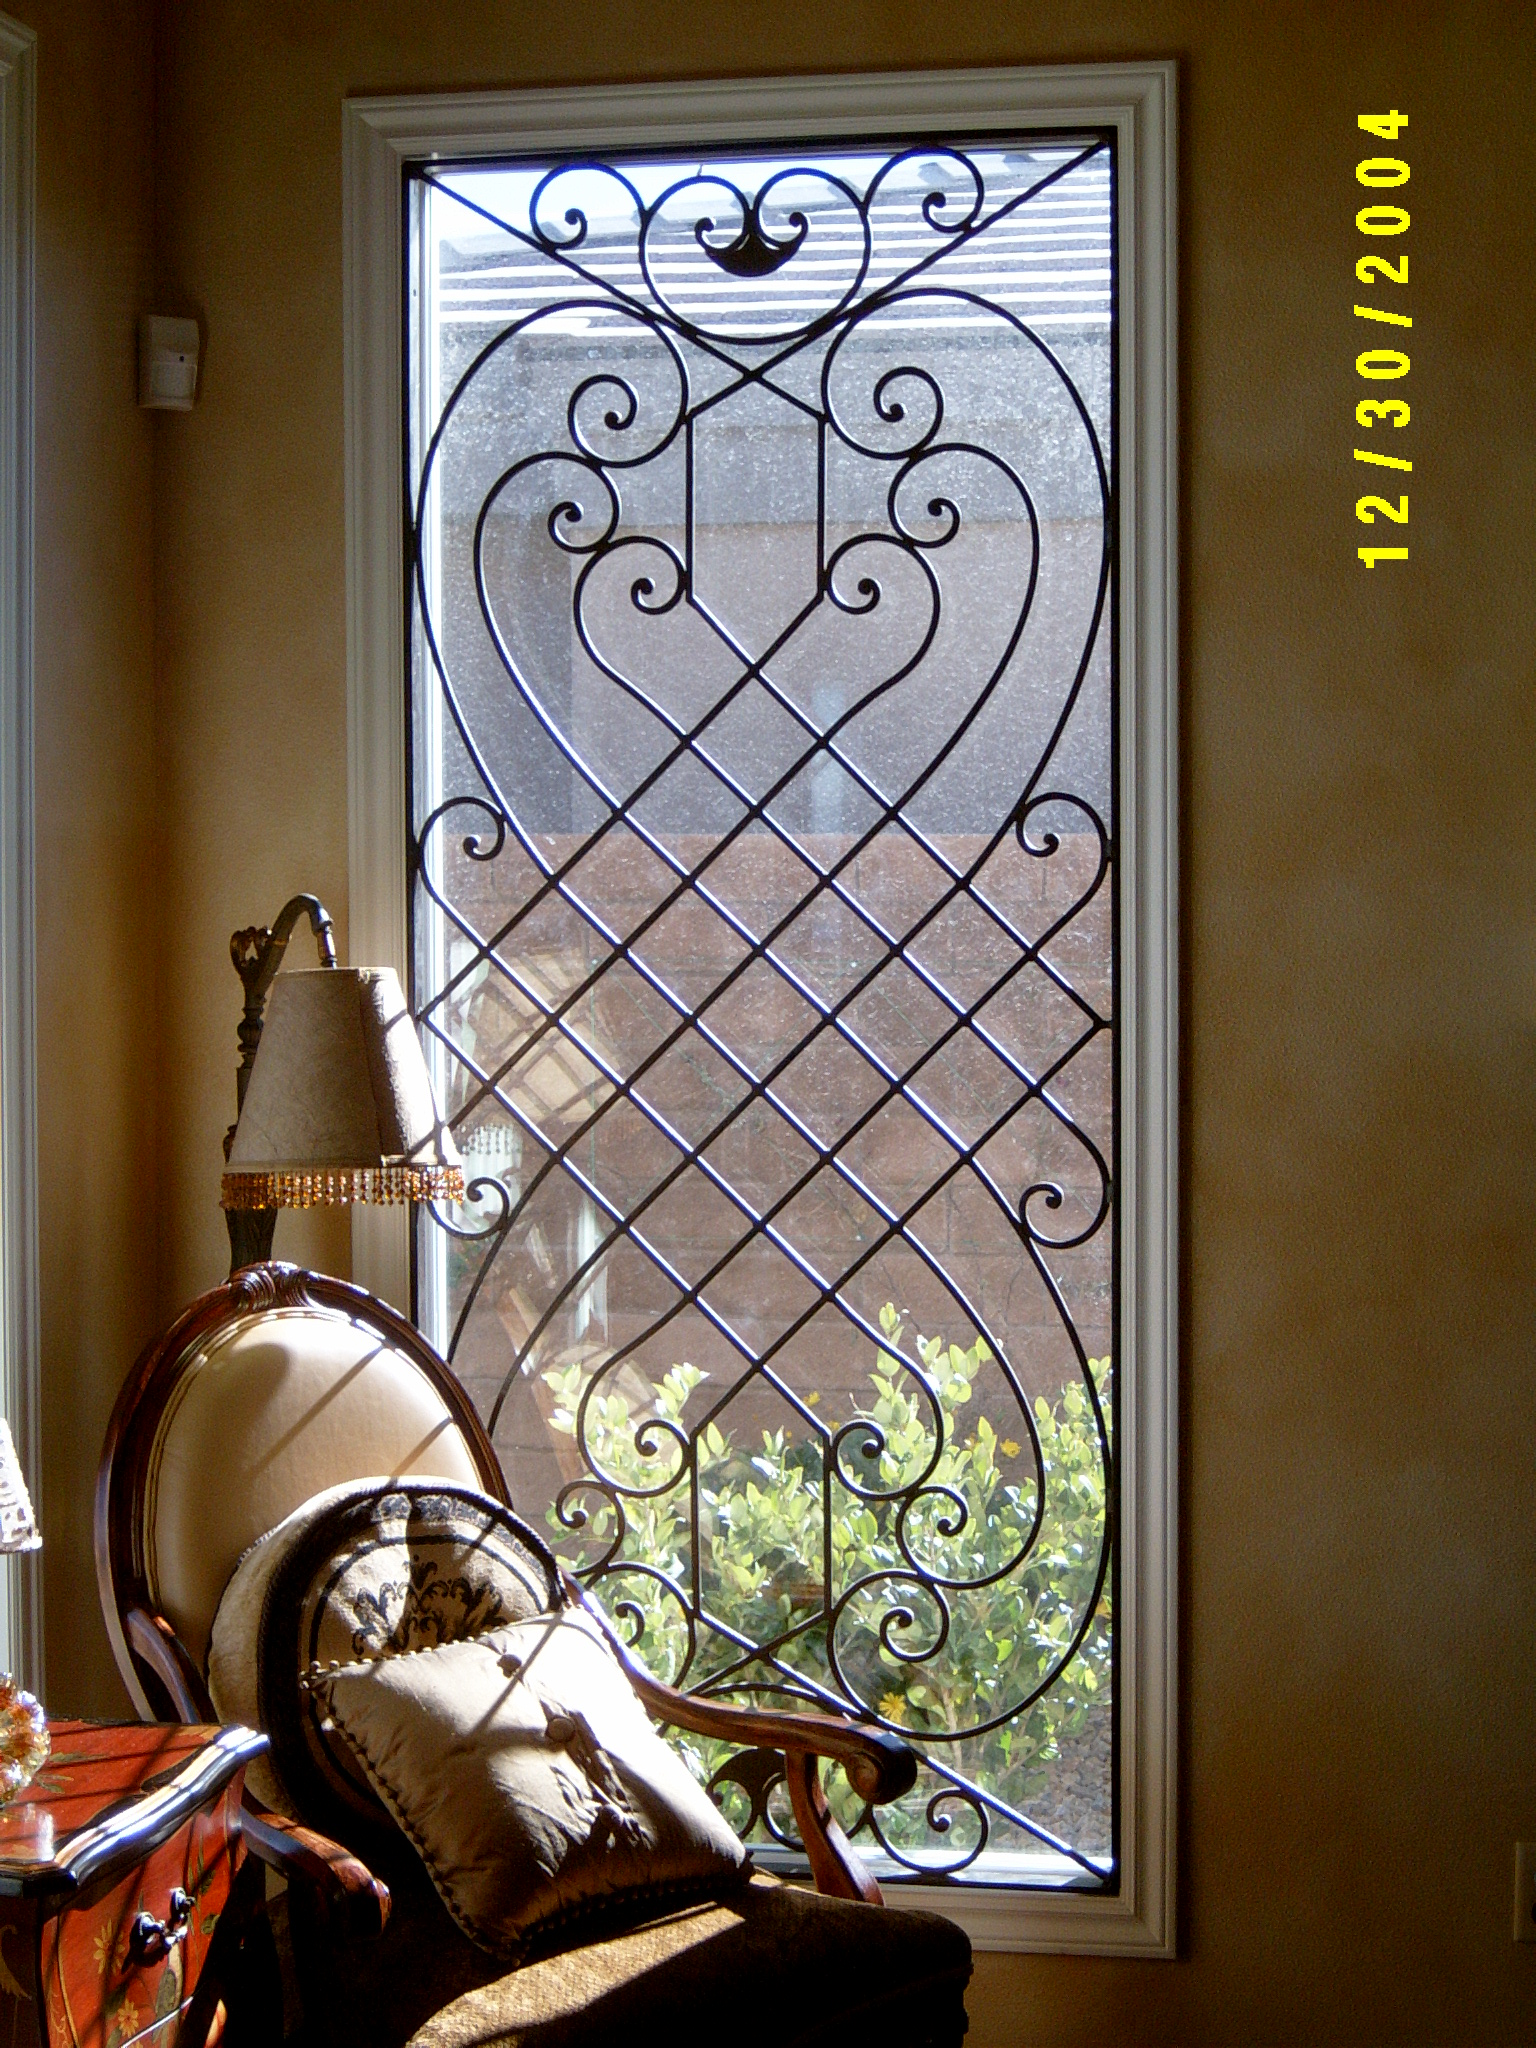 Imagenes de puertas de herreria tattoo design bild for Puertas de herreria forjada